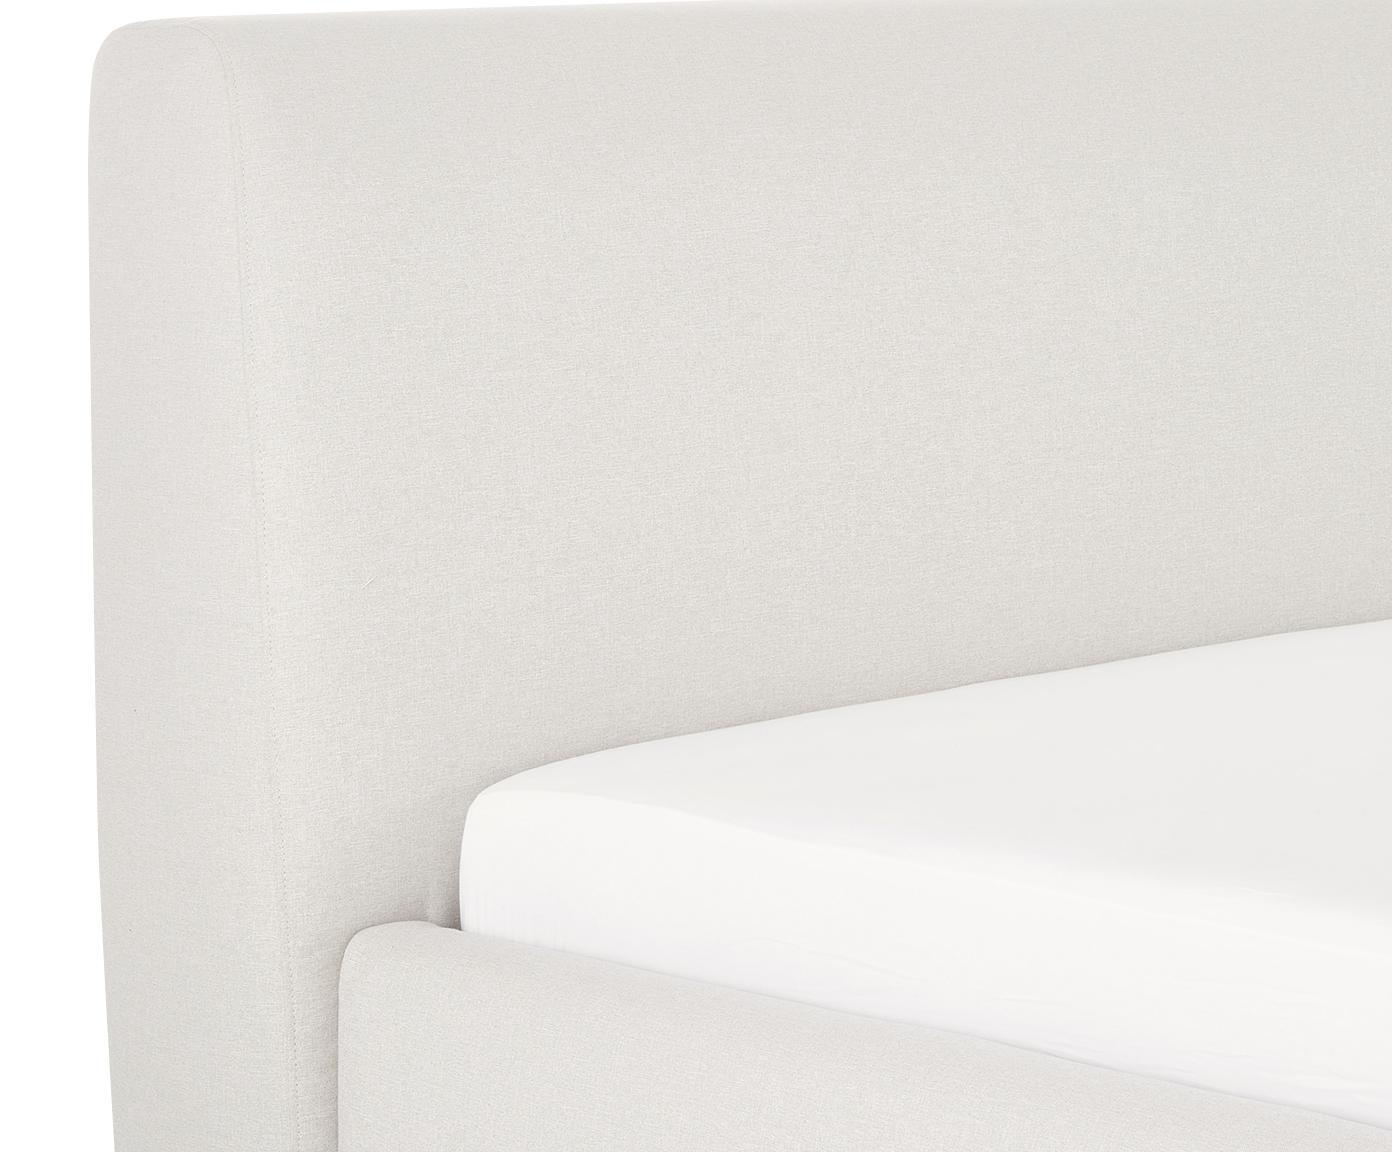 Łóżko tapicerowane Cloud, Korpus: lite drewno sosnowe, Tapicerka: poliester (materiał tekst, Beżowy, 180 x 200 cm